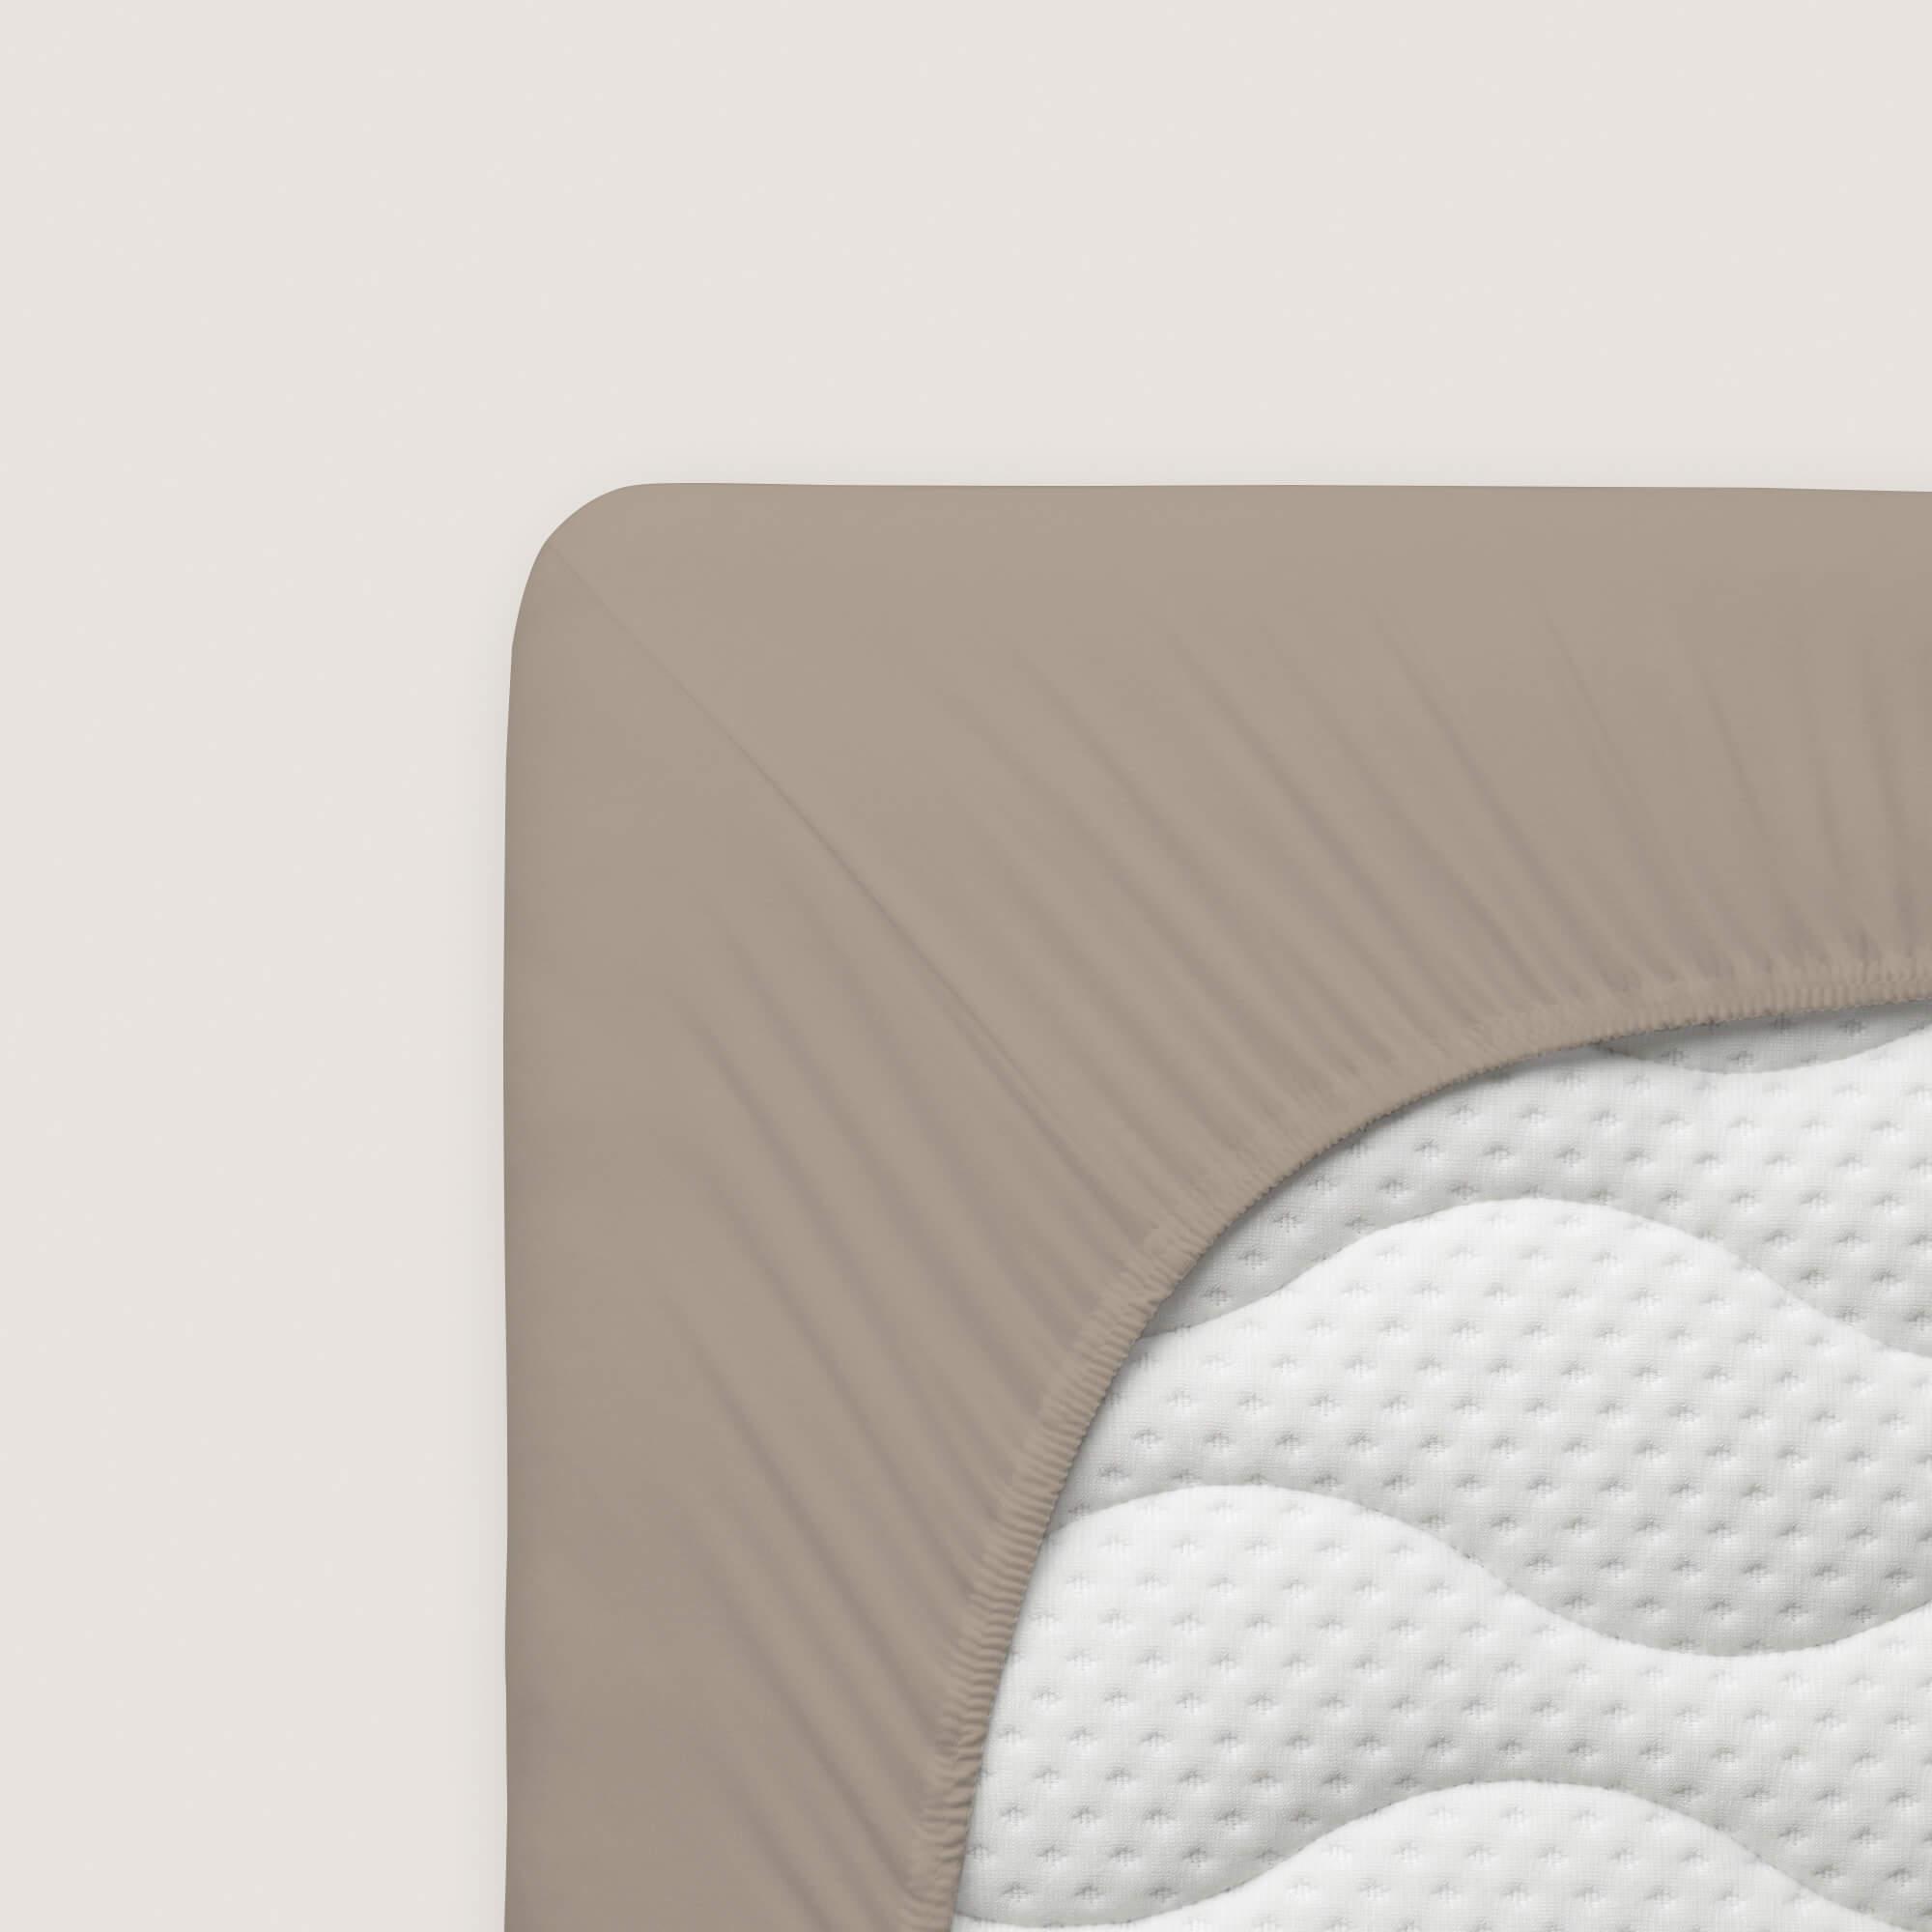 taupes schlafgut Spannbettlaken Organic Cotton aus Bio-Baumwolle